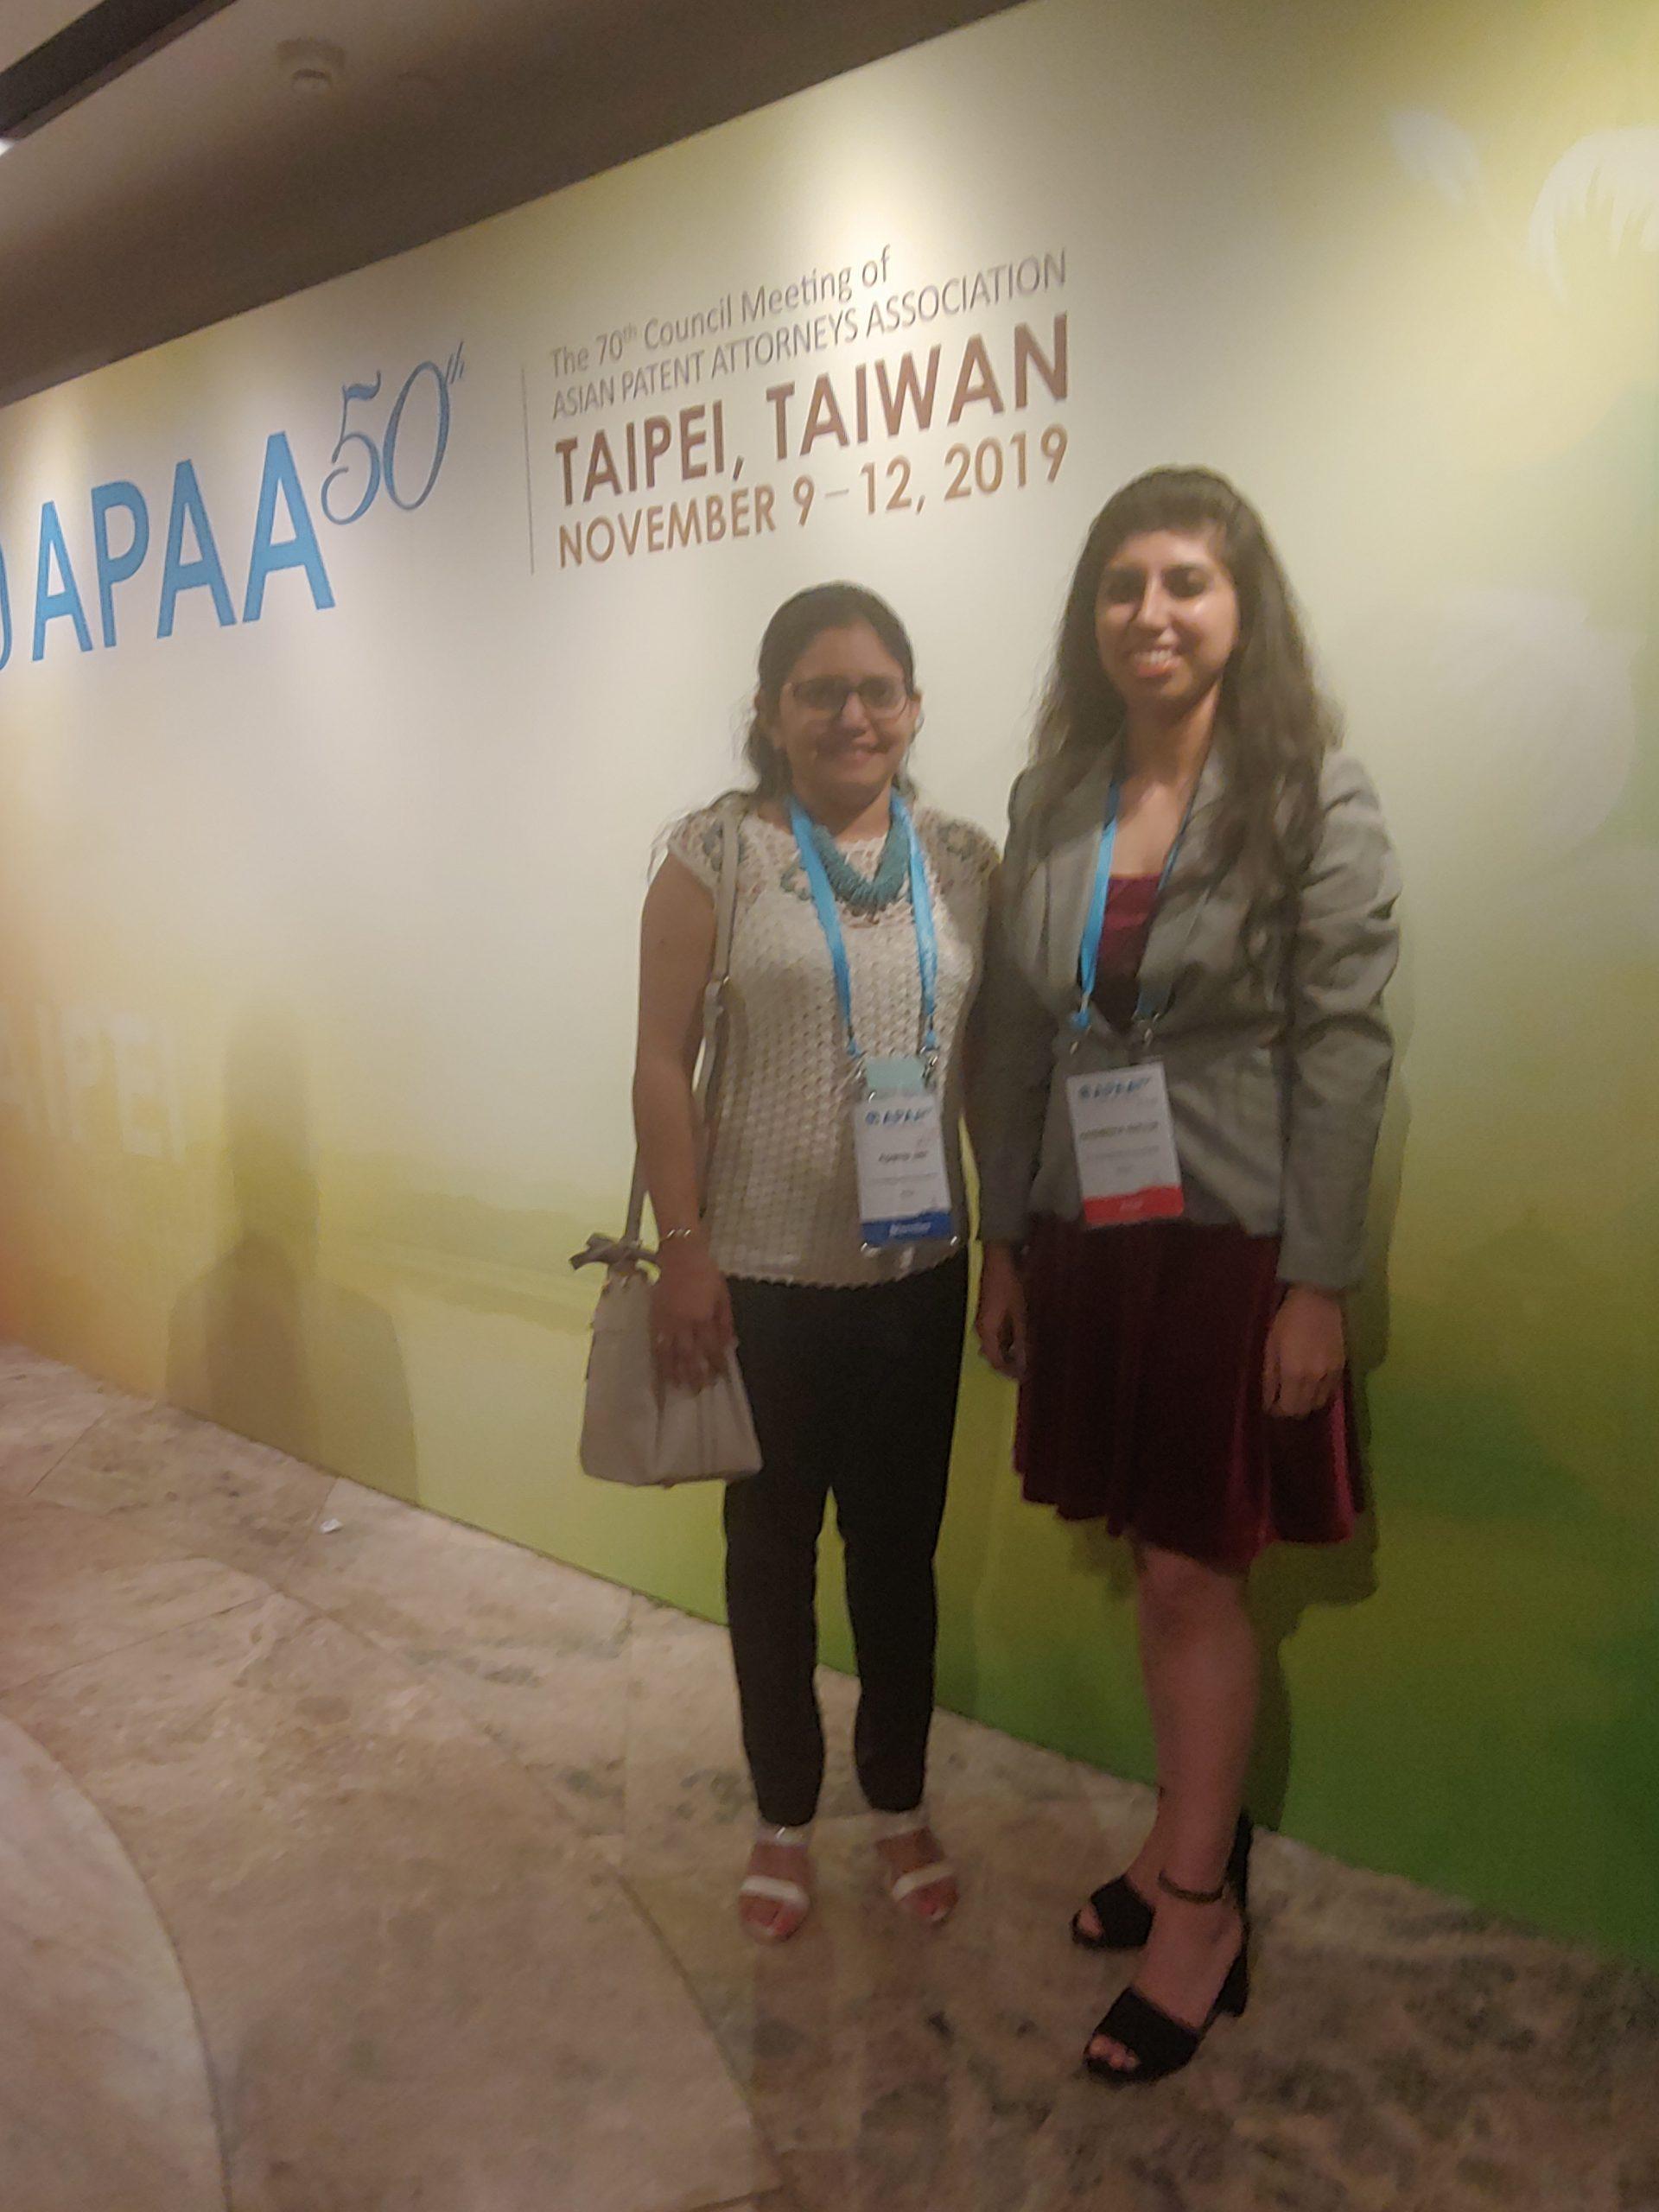 TAIWAN-APAA-2019-scaled-1.jpg